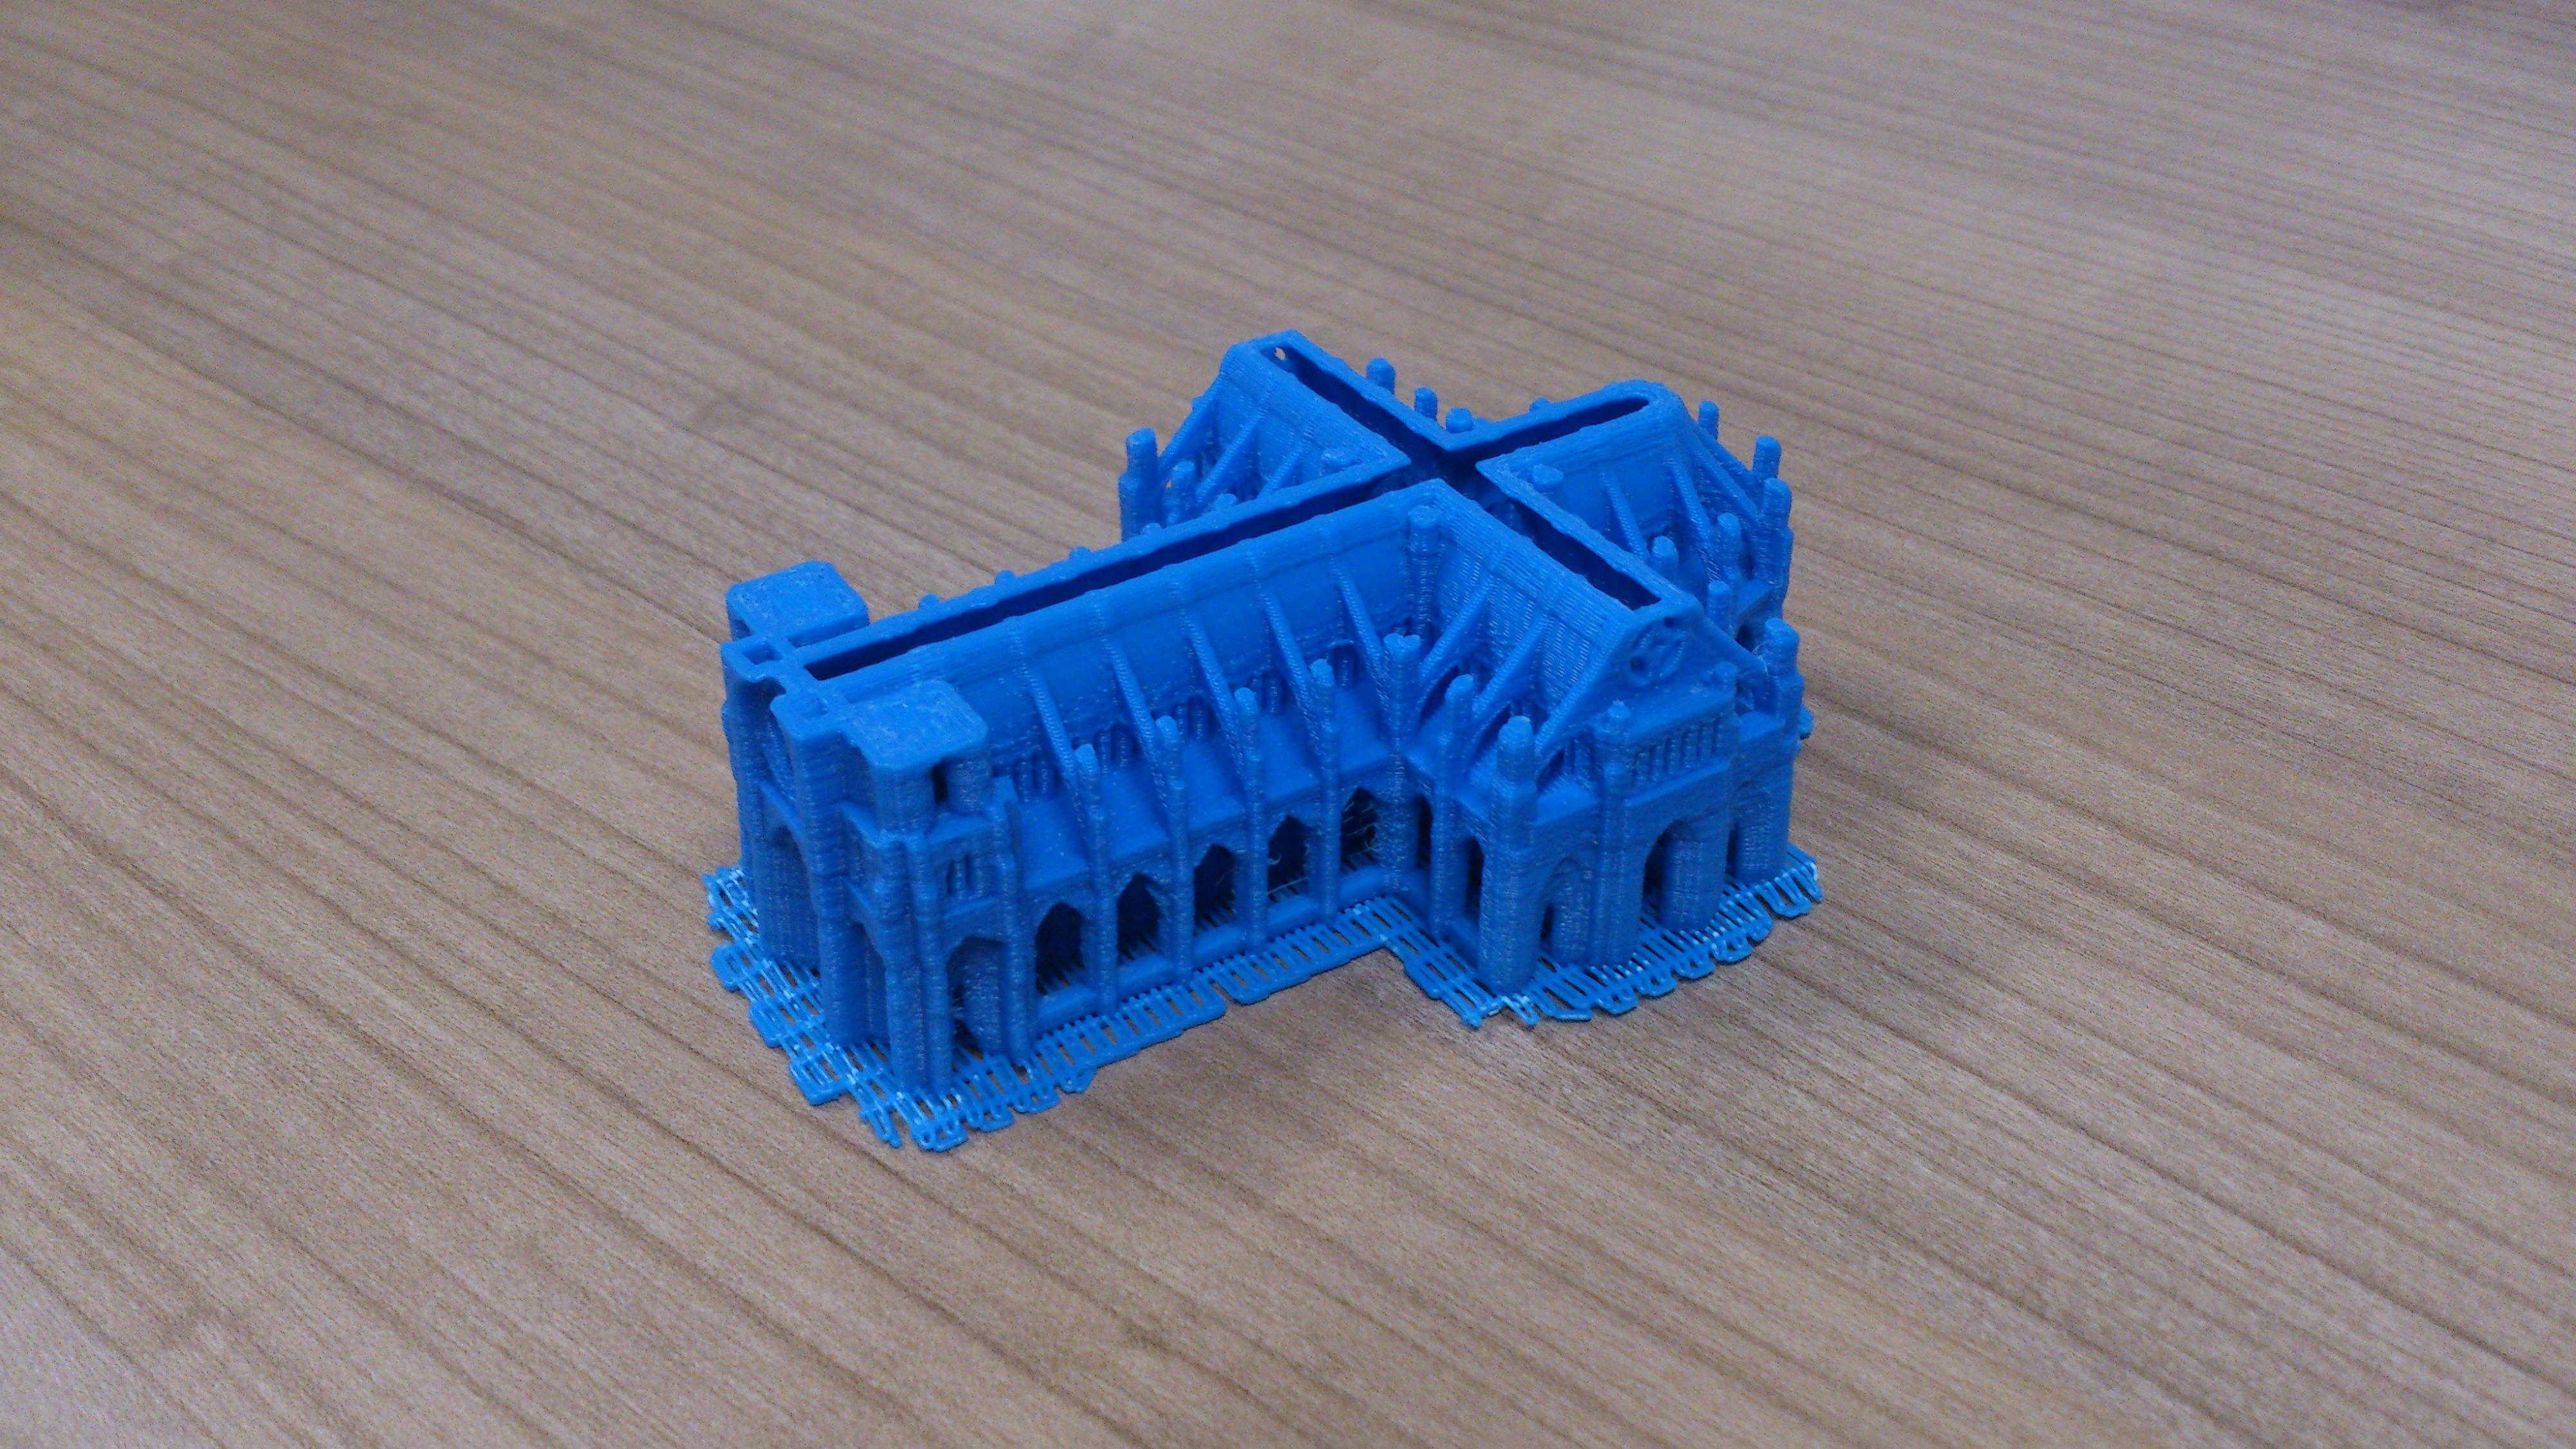 La empresa Enjoy Innovating, del Parque Científico de la Universidad, accede al mercado de la fabricación digital con una impresora 3D